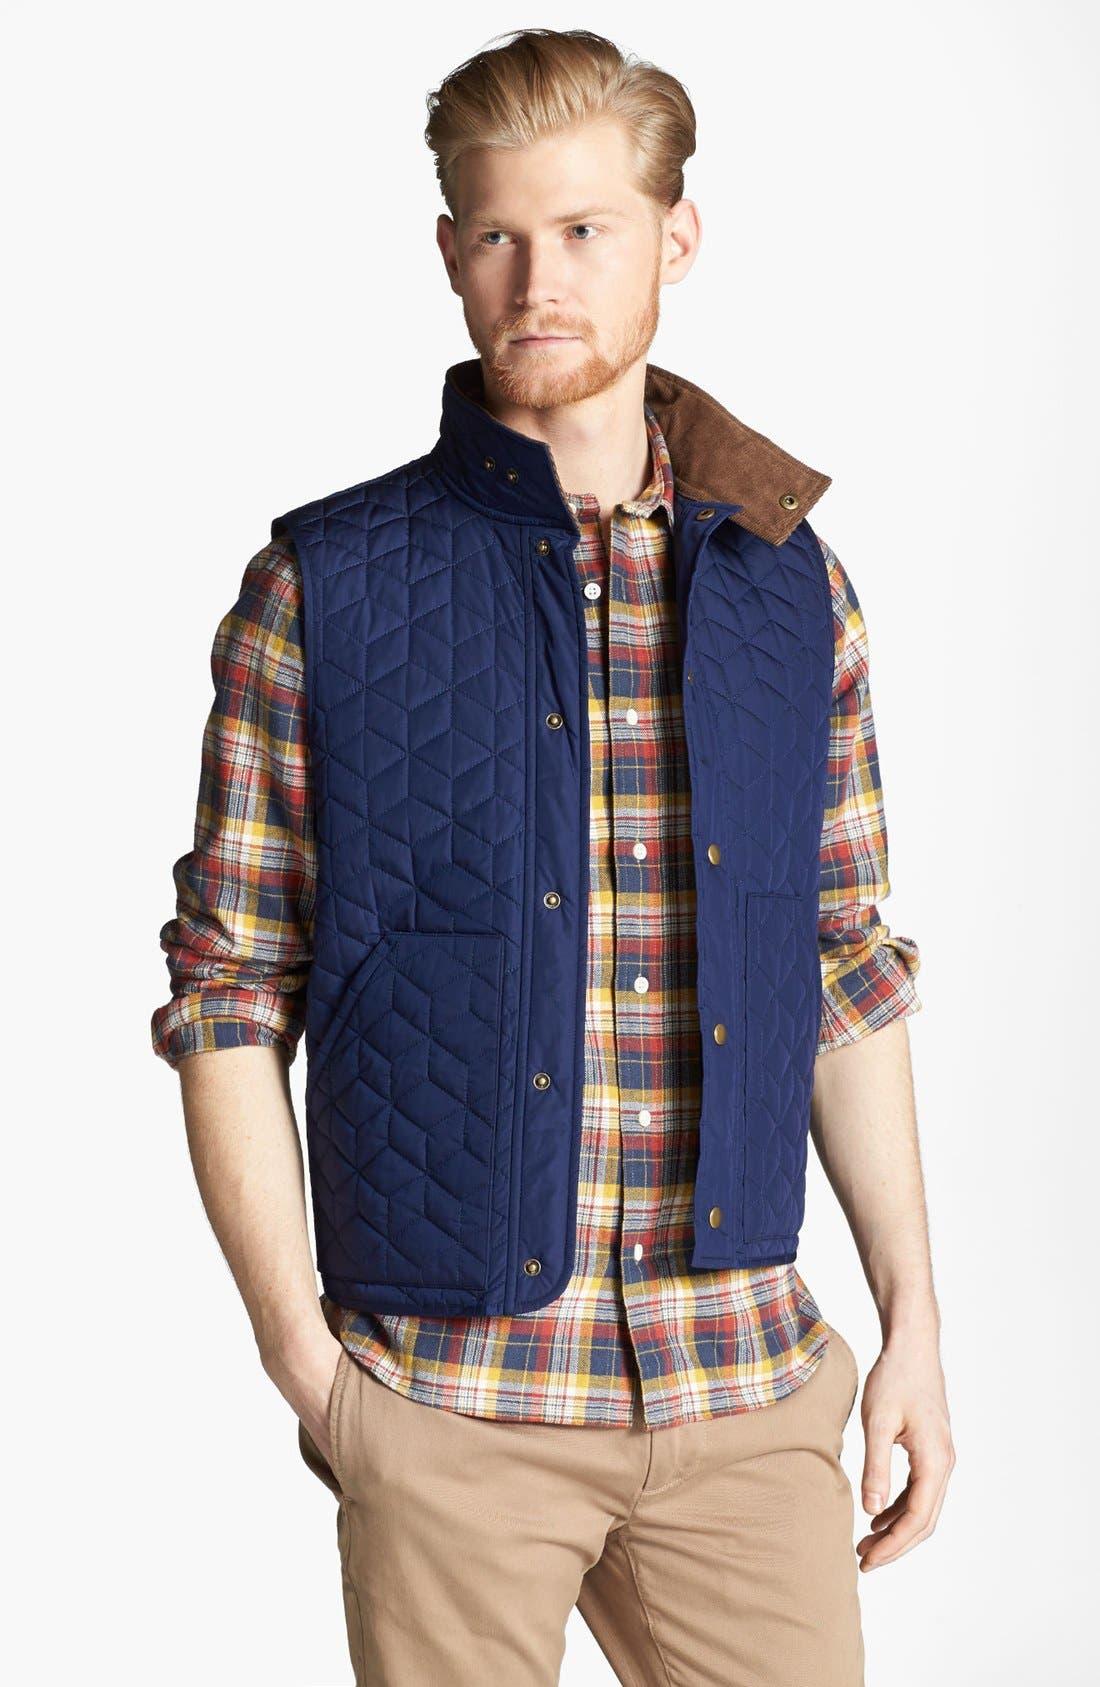 Alternate Image 1 Selected - Jack Spade 'Herington' Quilted Vest